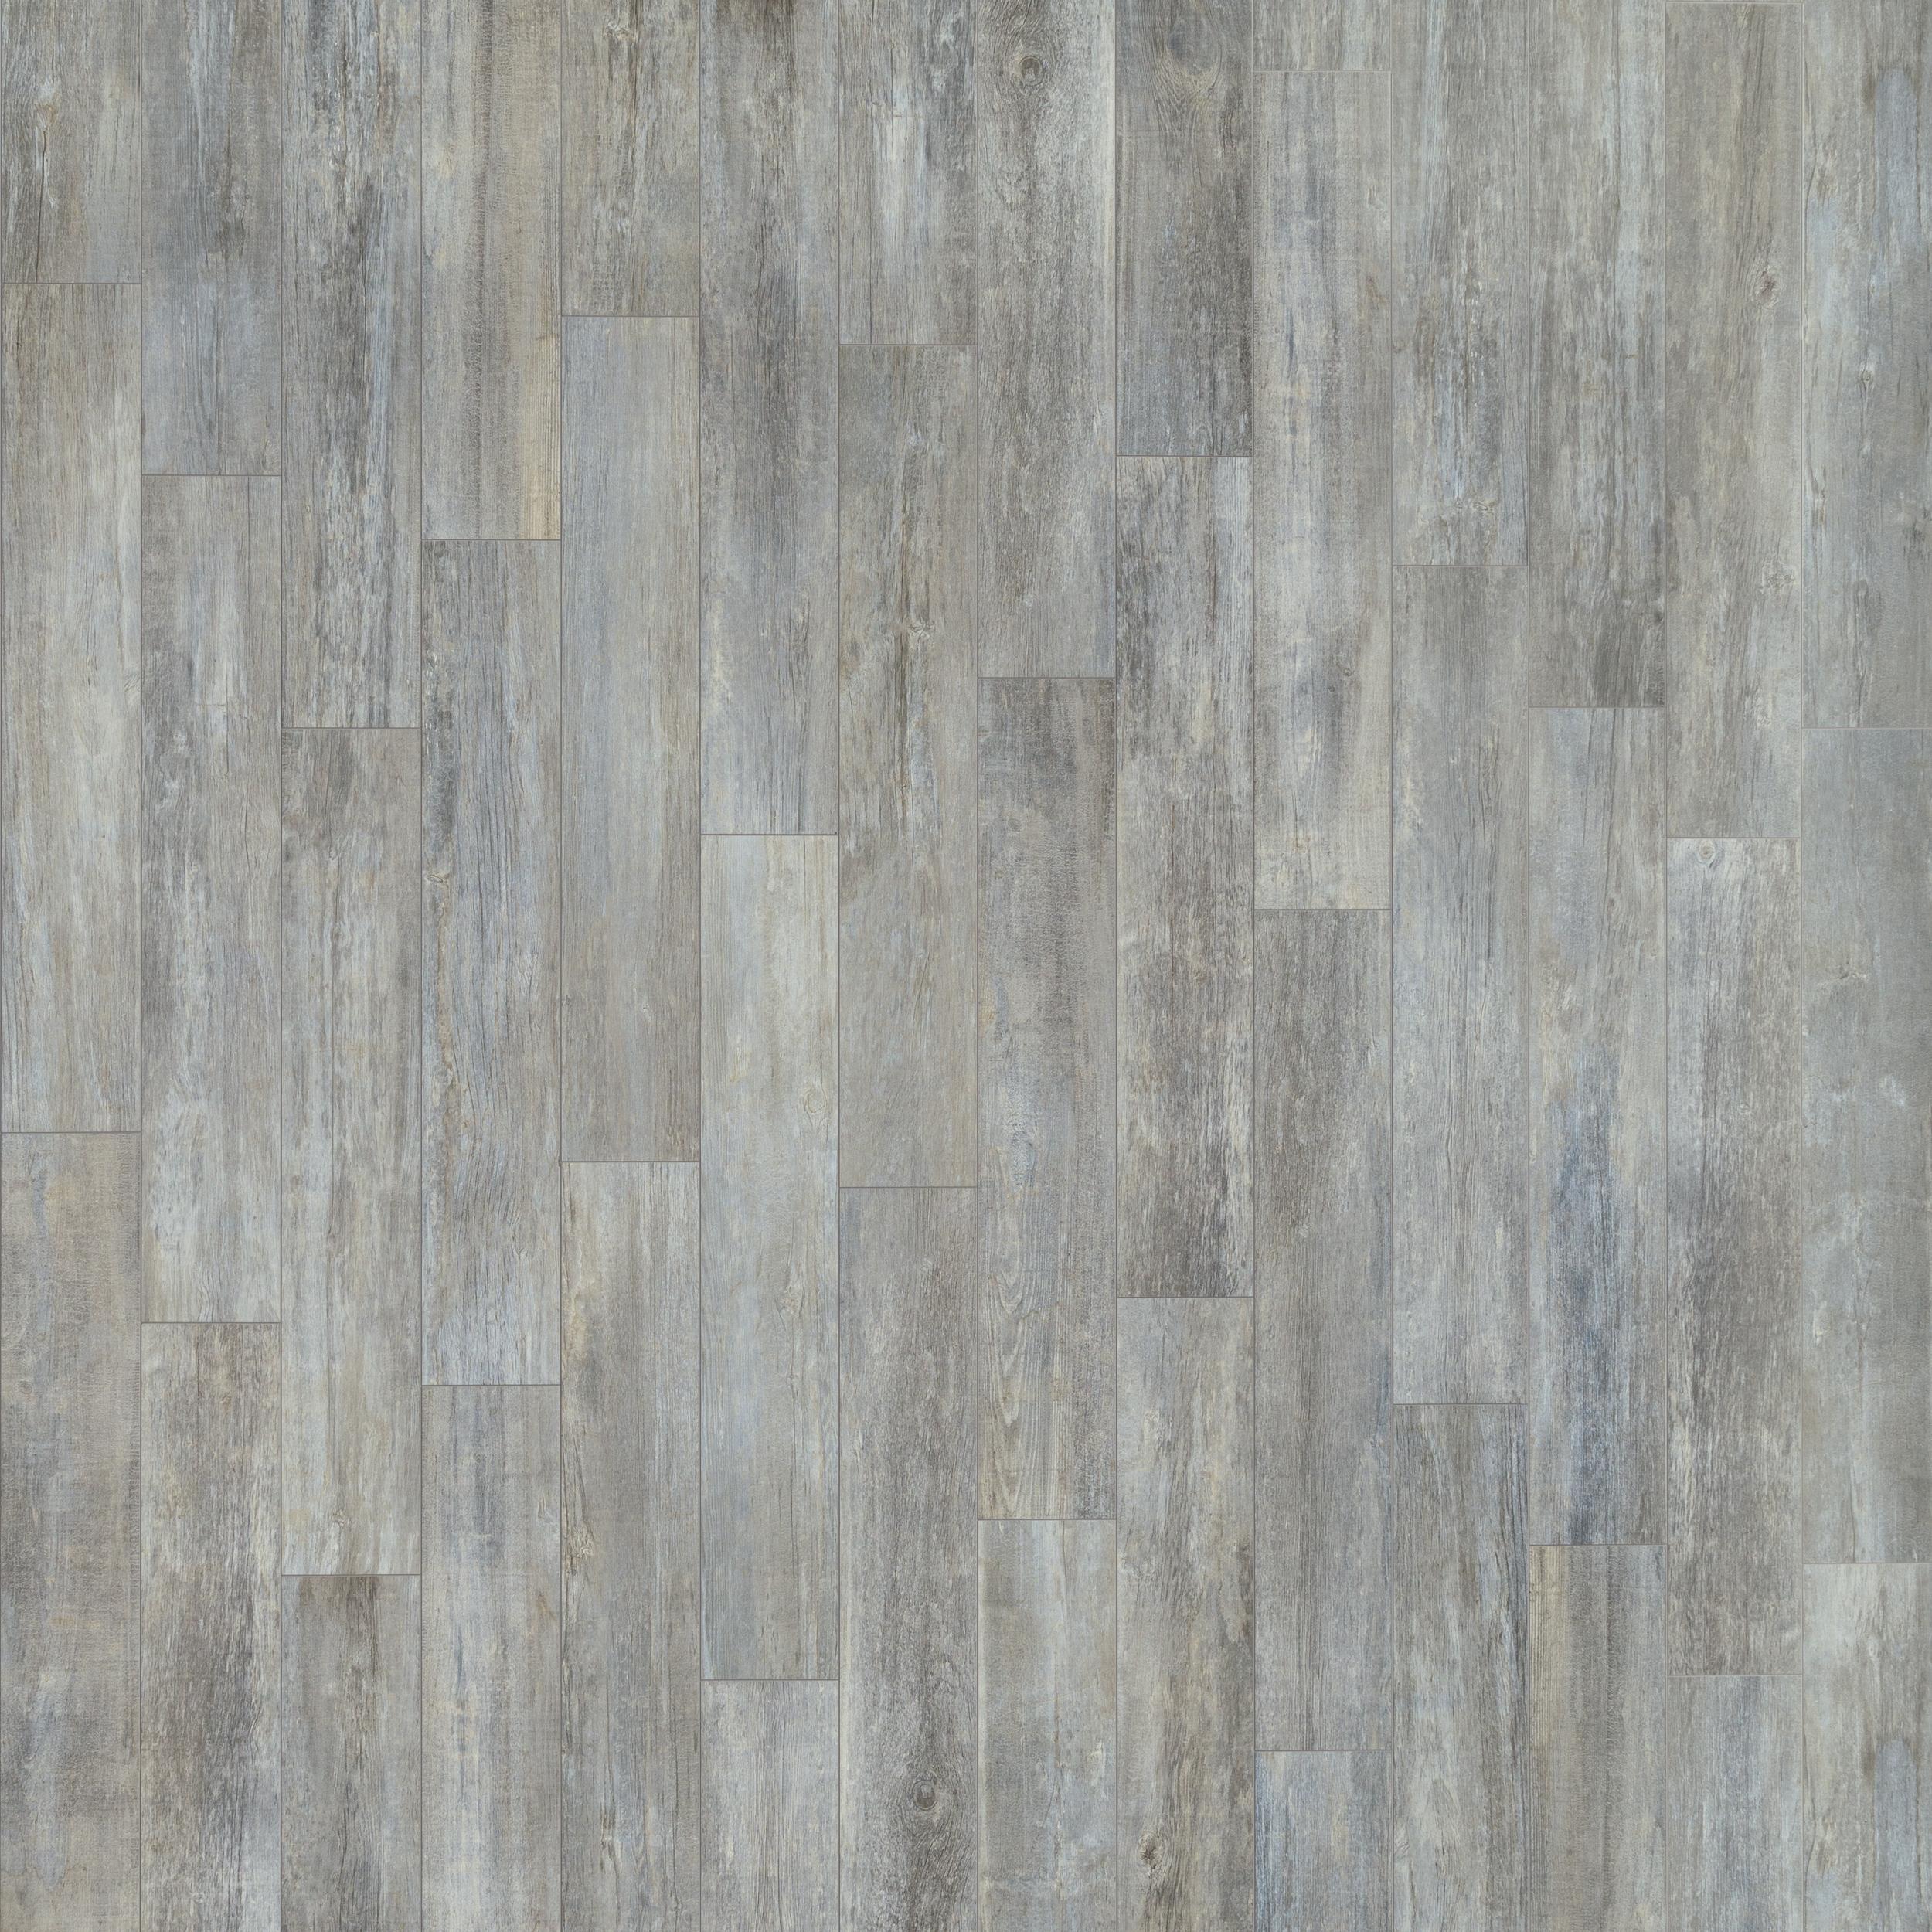 Unicom Starker 8 X 48 Cabane Stone Rectified Porcelain Tile